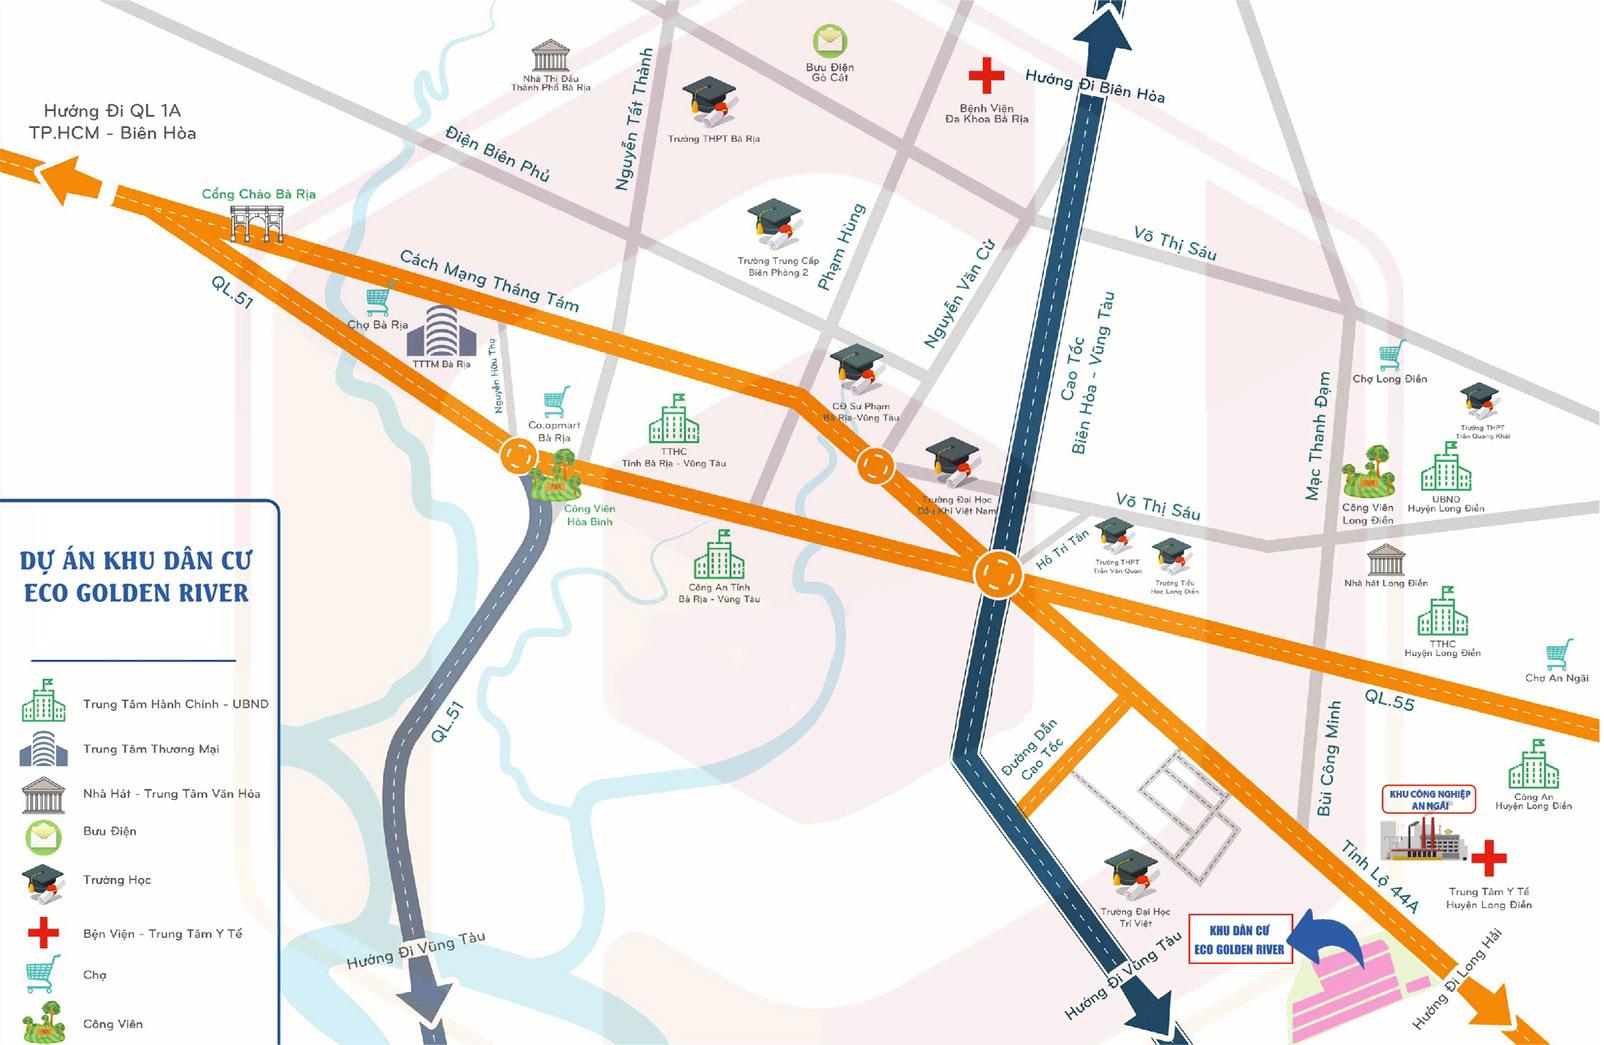 Sơ đồ đường đi tới dự án đất nền Eco Golden River Huyện Long Điền tỉnh Bà Rịa Vũng Tàu